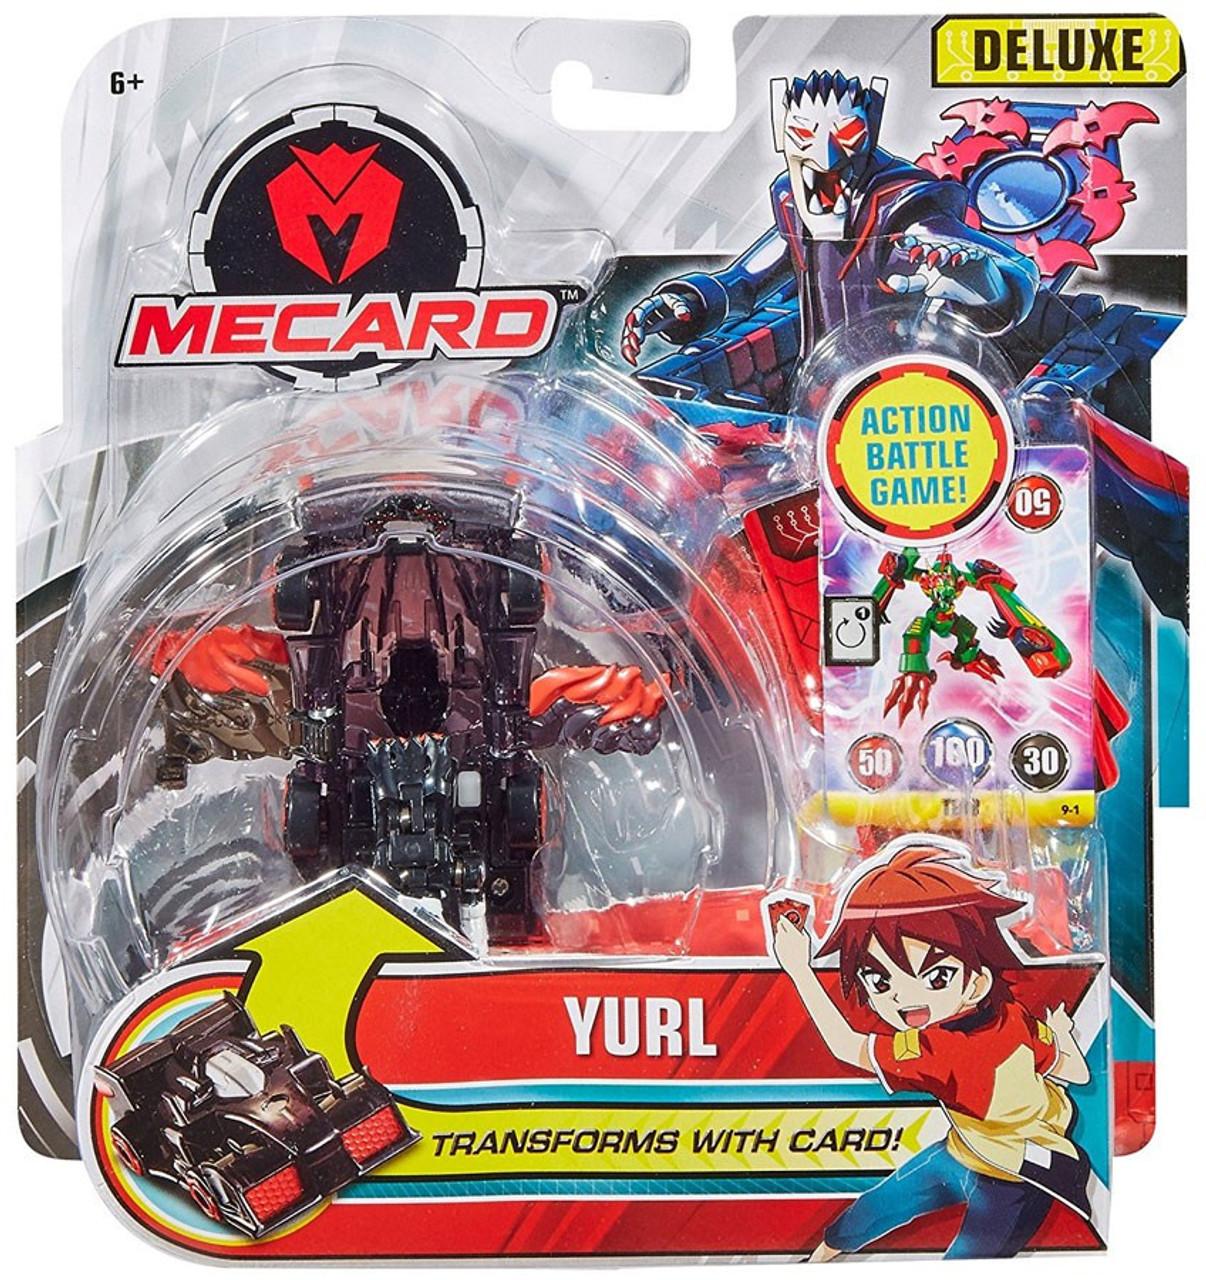 6266af797ba MeCard Deluxe Mecardimal Yurl Figure Mattel - ToyWiz